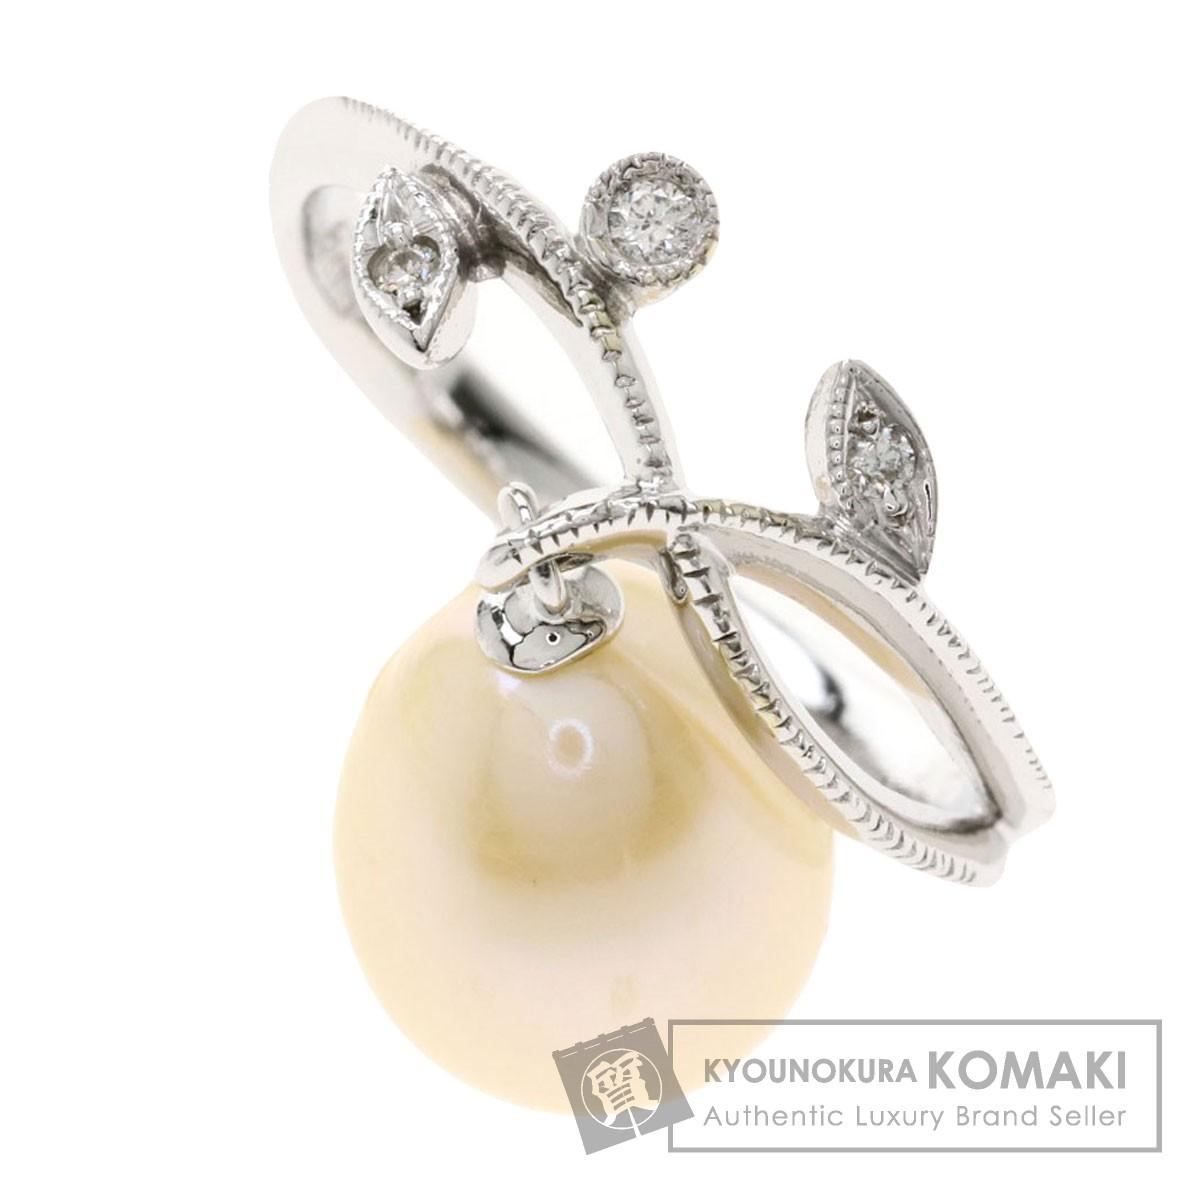 0.04ct パール 真珠 メレダイヤモンド リング・指輪 K18ホワイトゴールド 3.8g レディース 【中古】